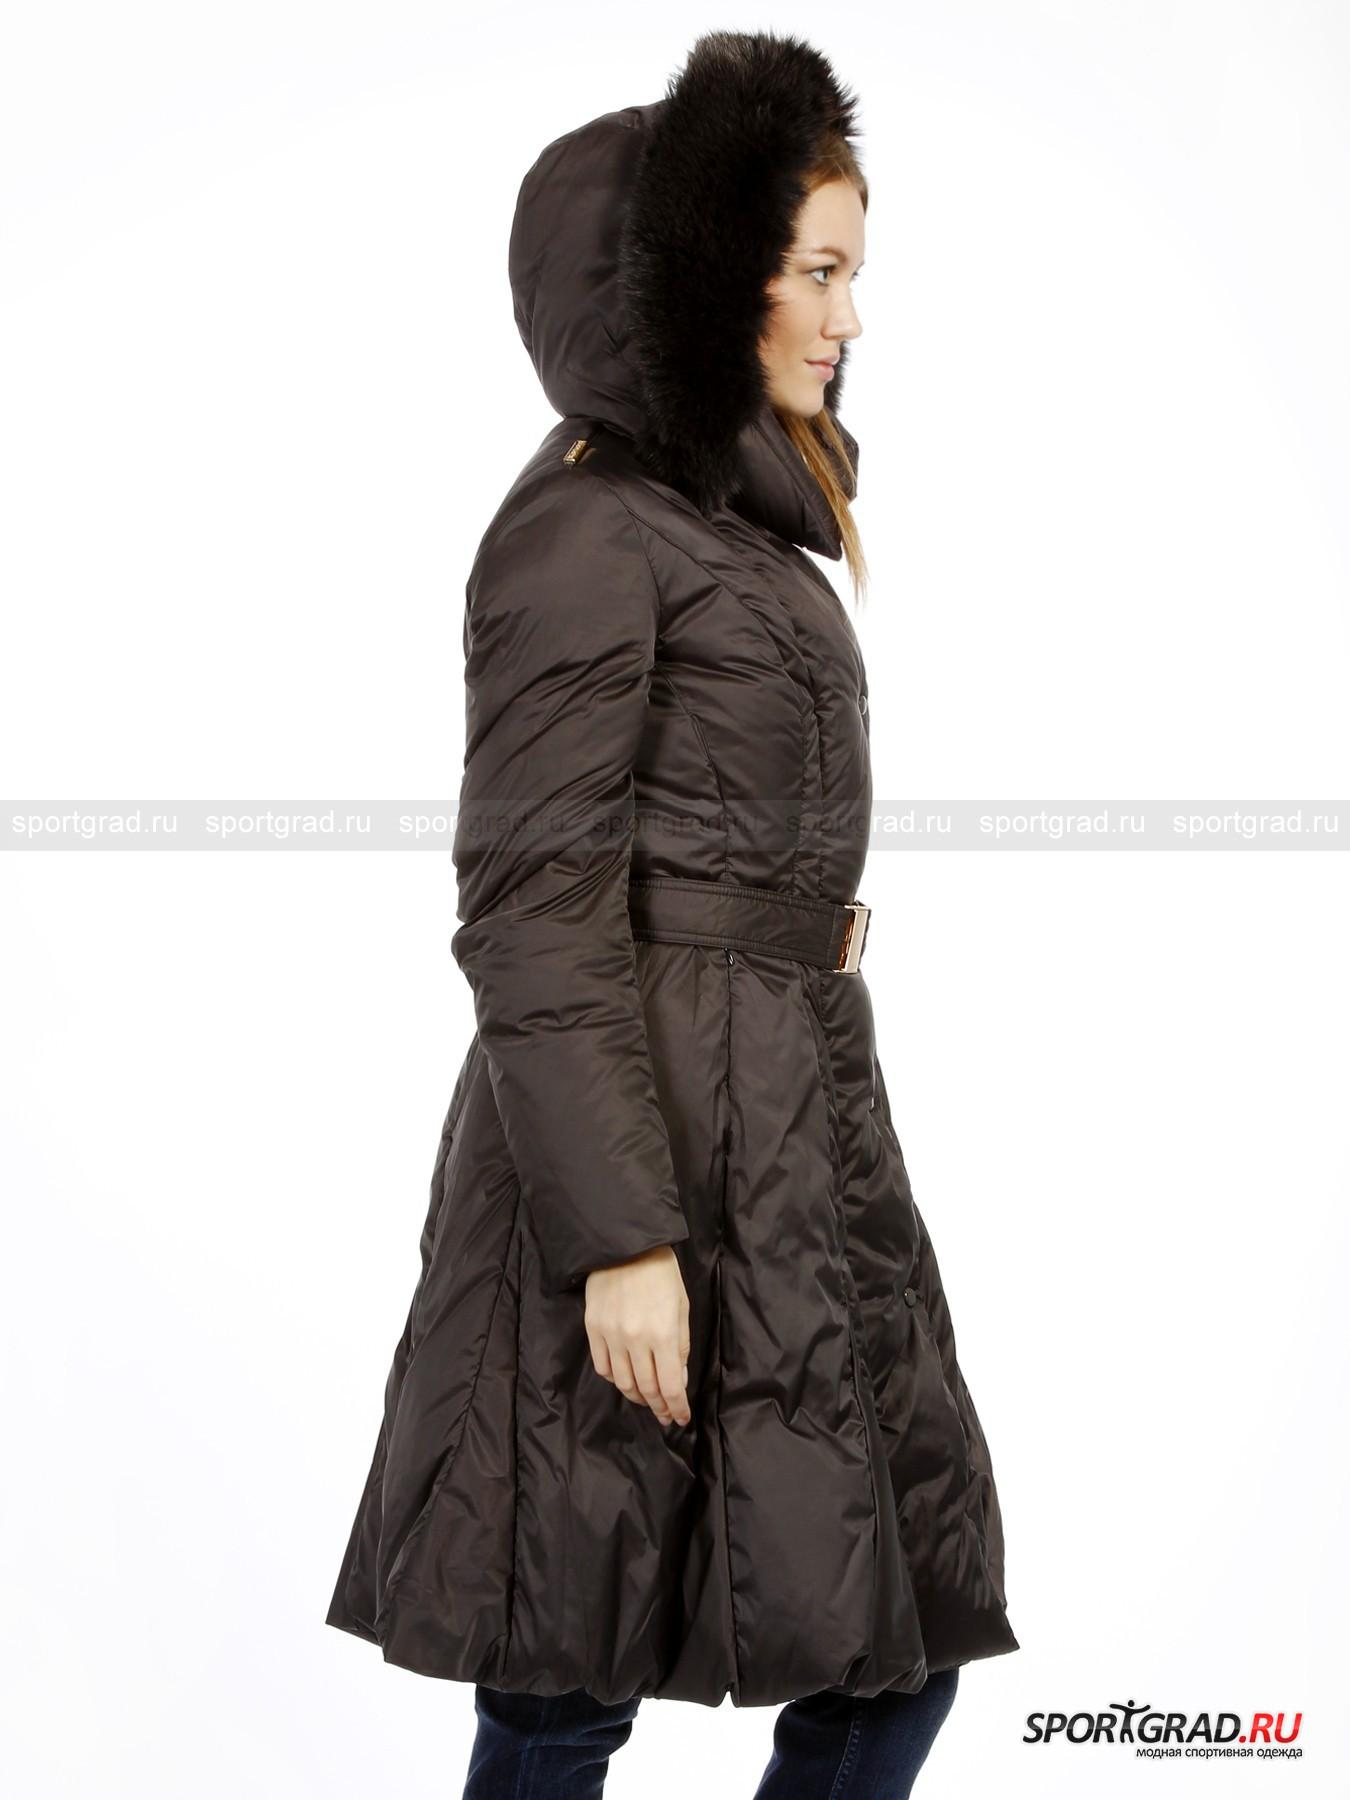 Пальто женское Valentina CINELLI STUDIO от Спортград